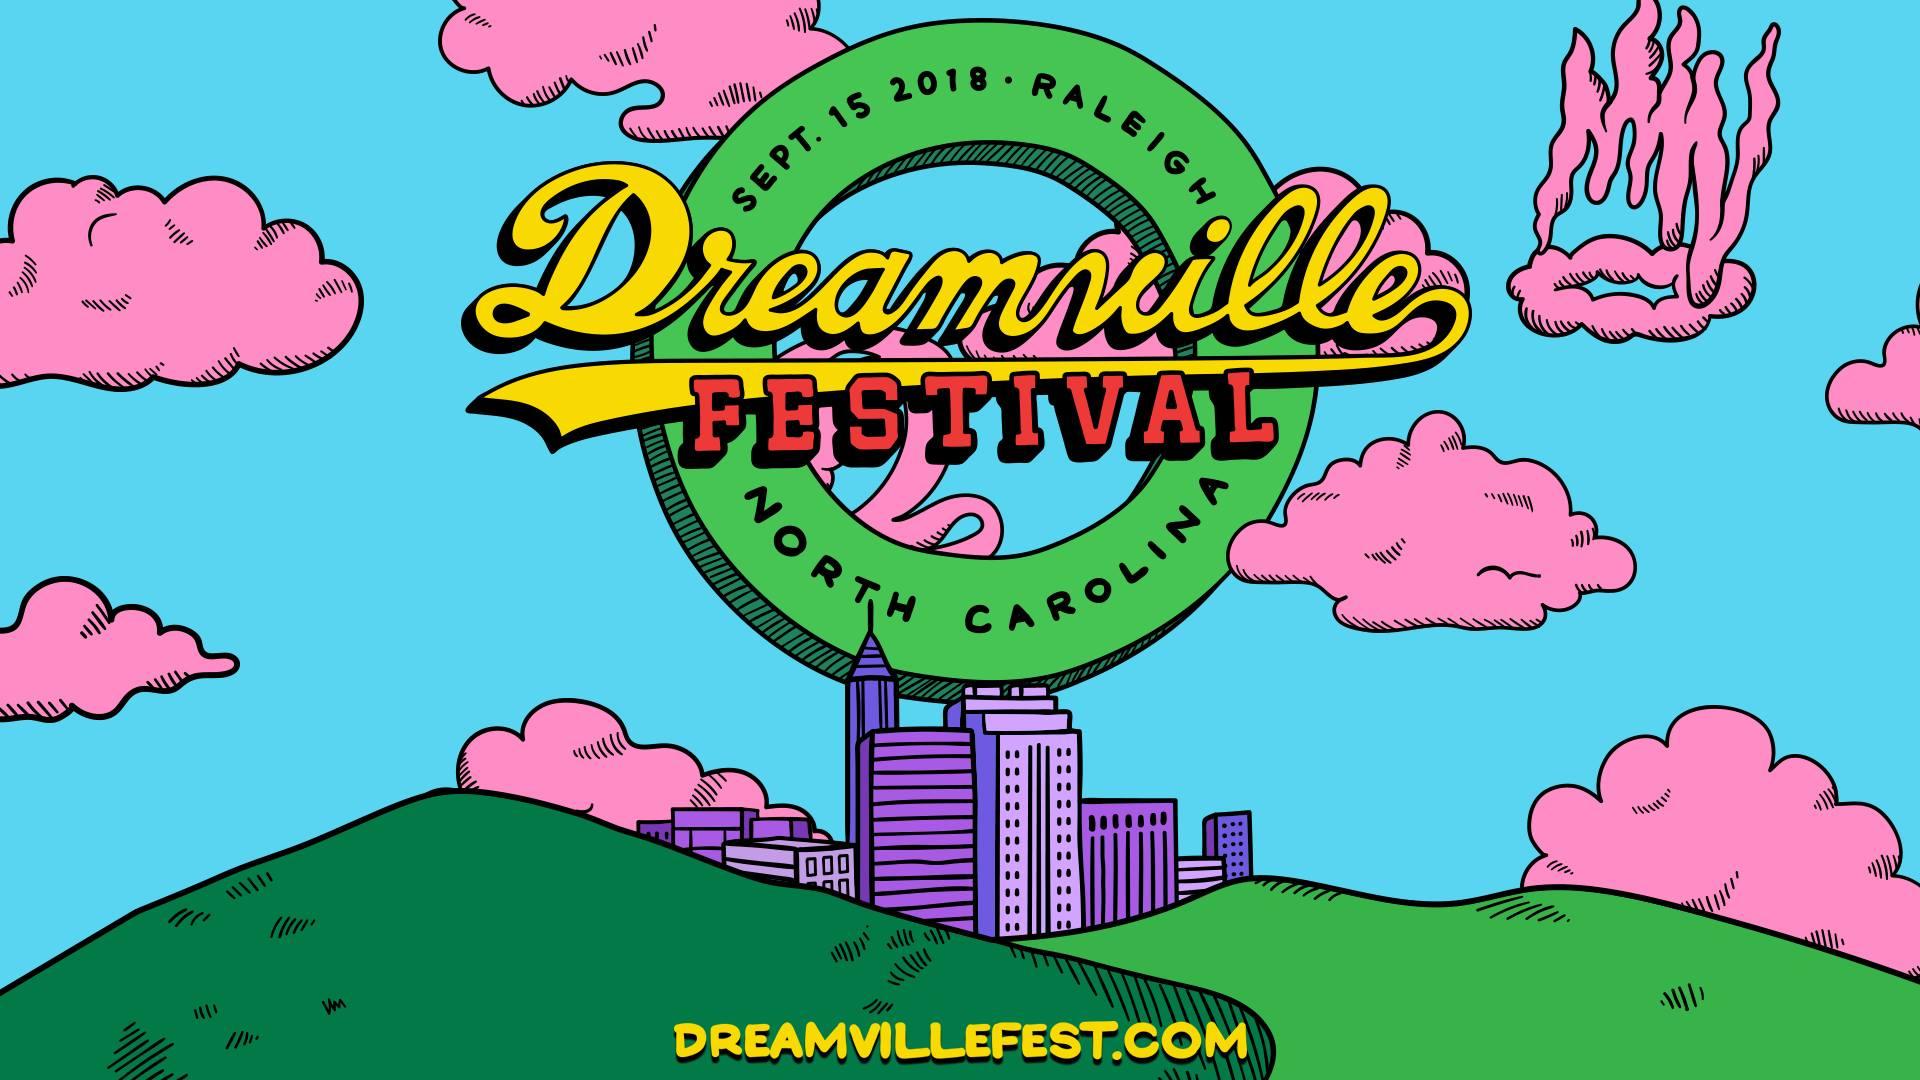 Dreamville Festival